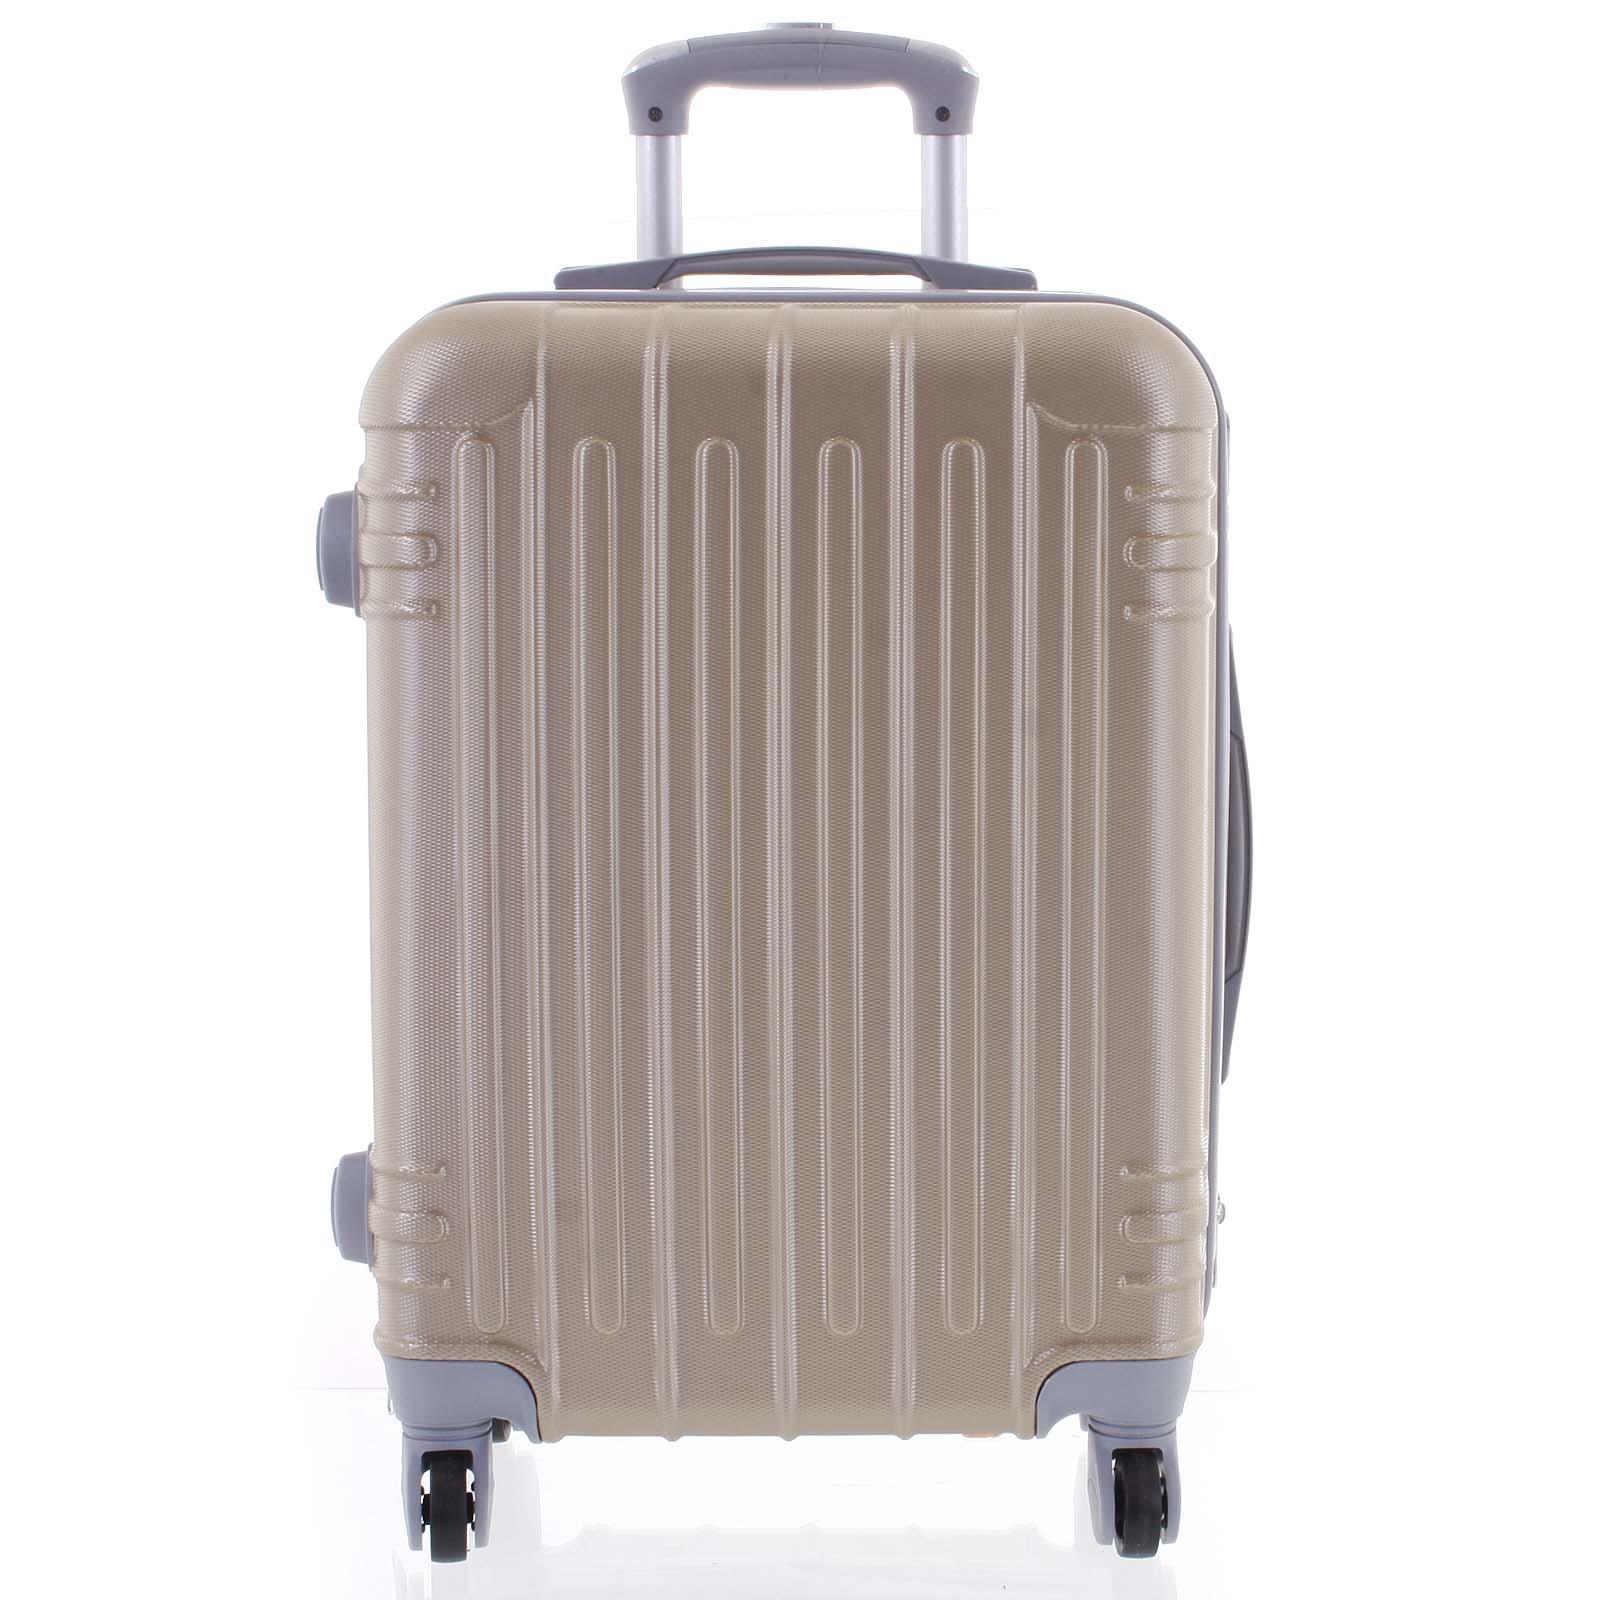 Moderní zlatý skořepinový cestovní kufr - Ormi Dopp S